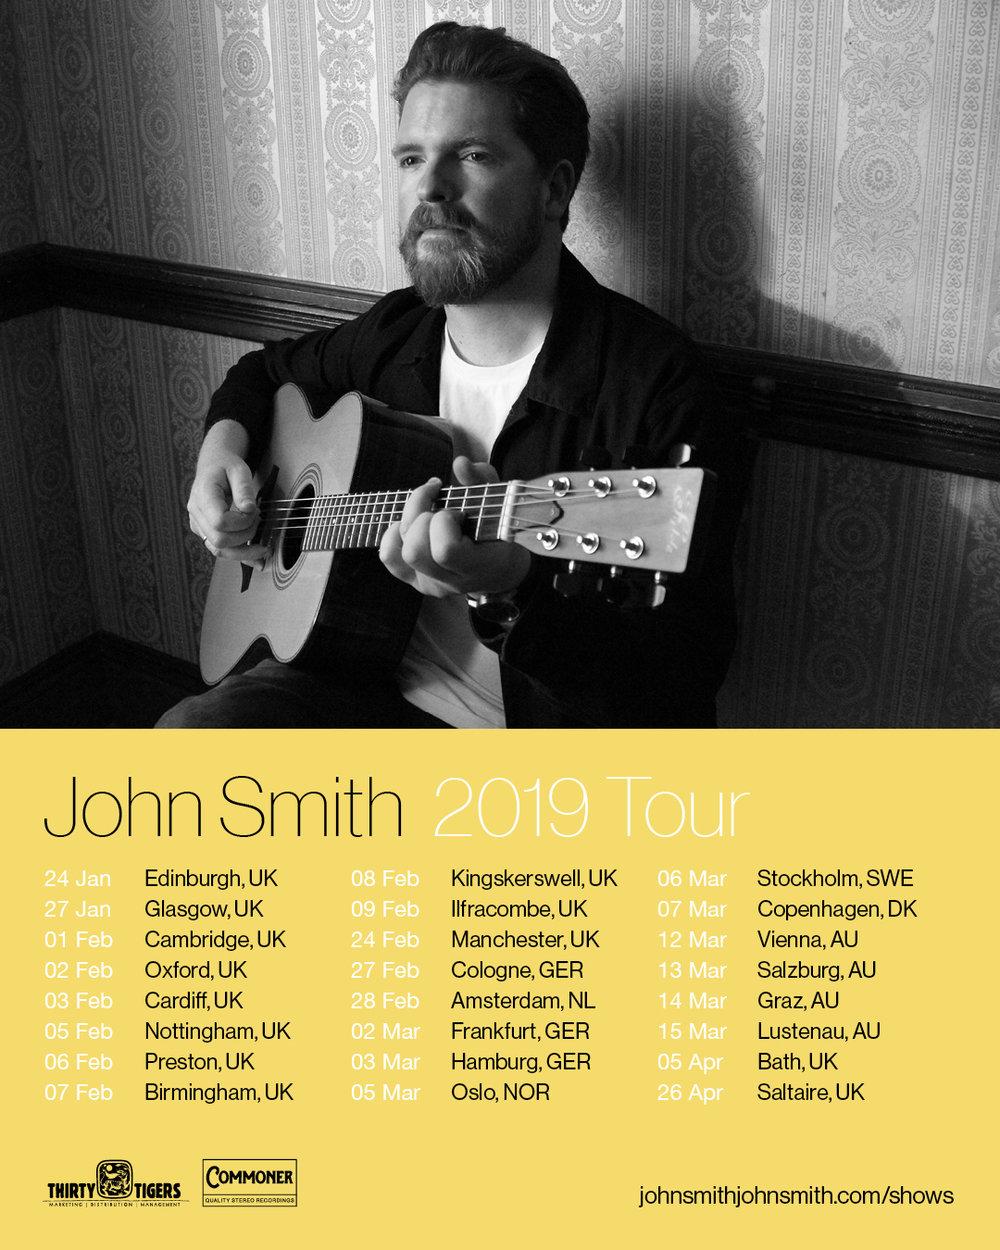 JohnSmithTourInstagram2019tour.jpg